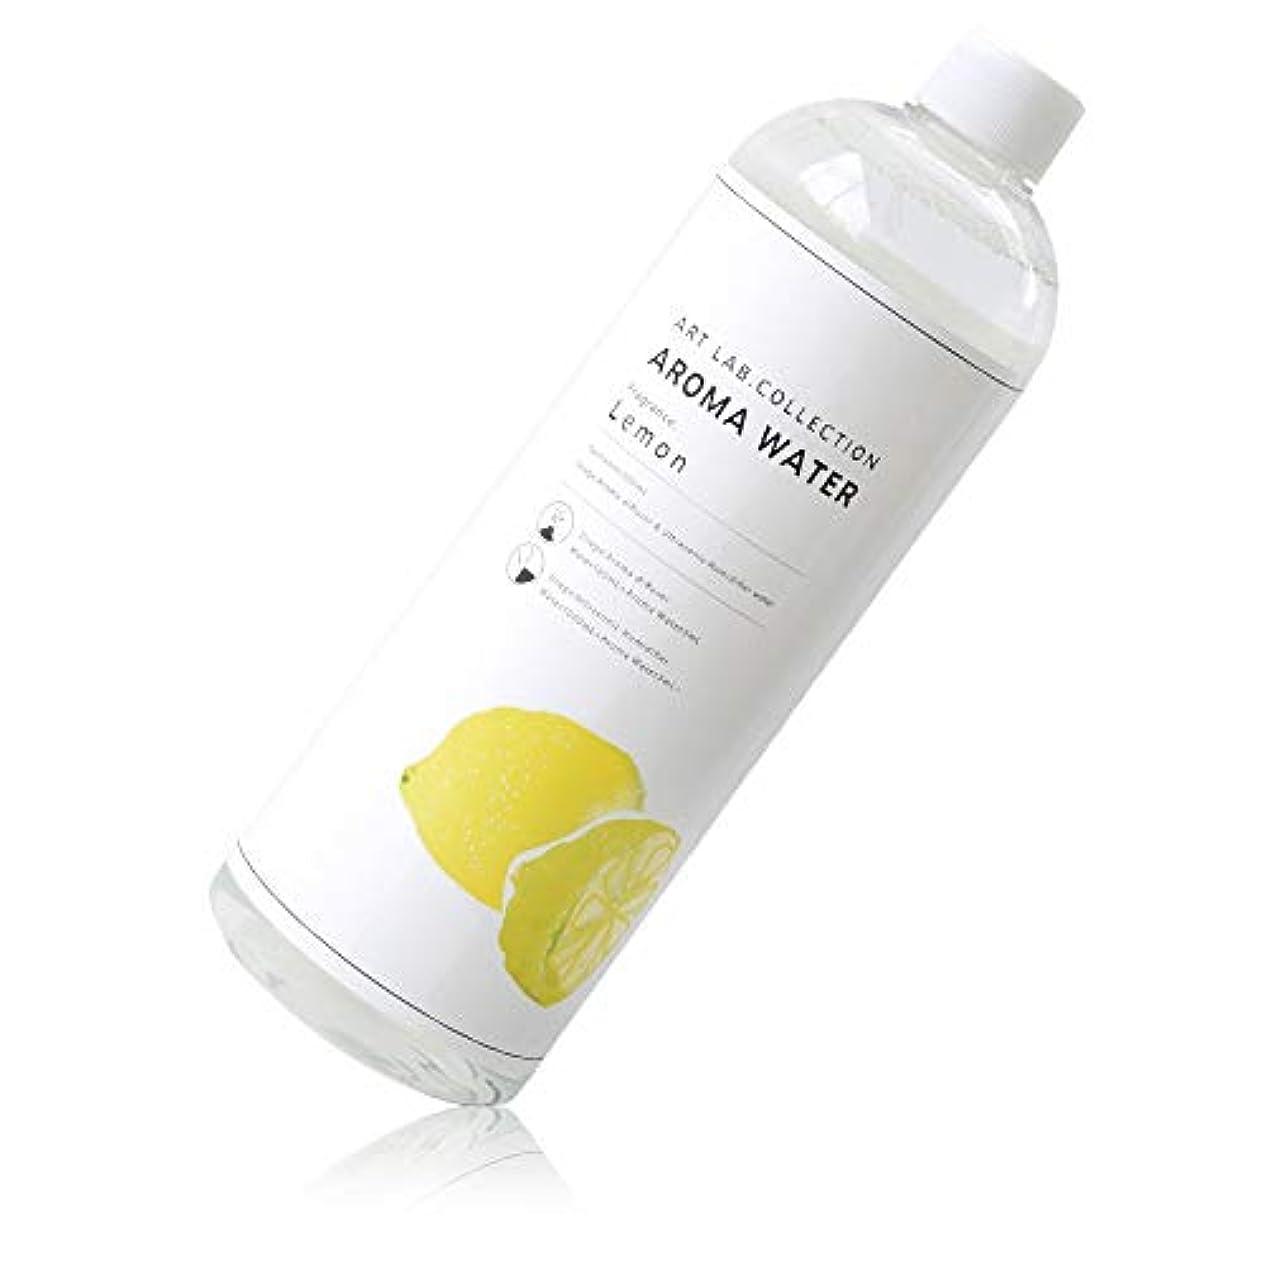 着服引っ張る発疹ART LAB 加湿器 アロマウォーター AROMA WATER 500ml 日本製 植物性 NTP-F118 水に混ぜるだけ ほのかに香る Lemon